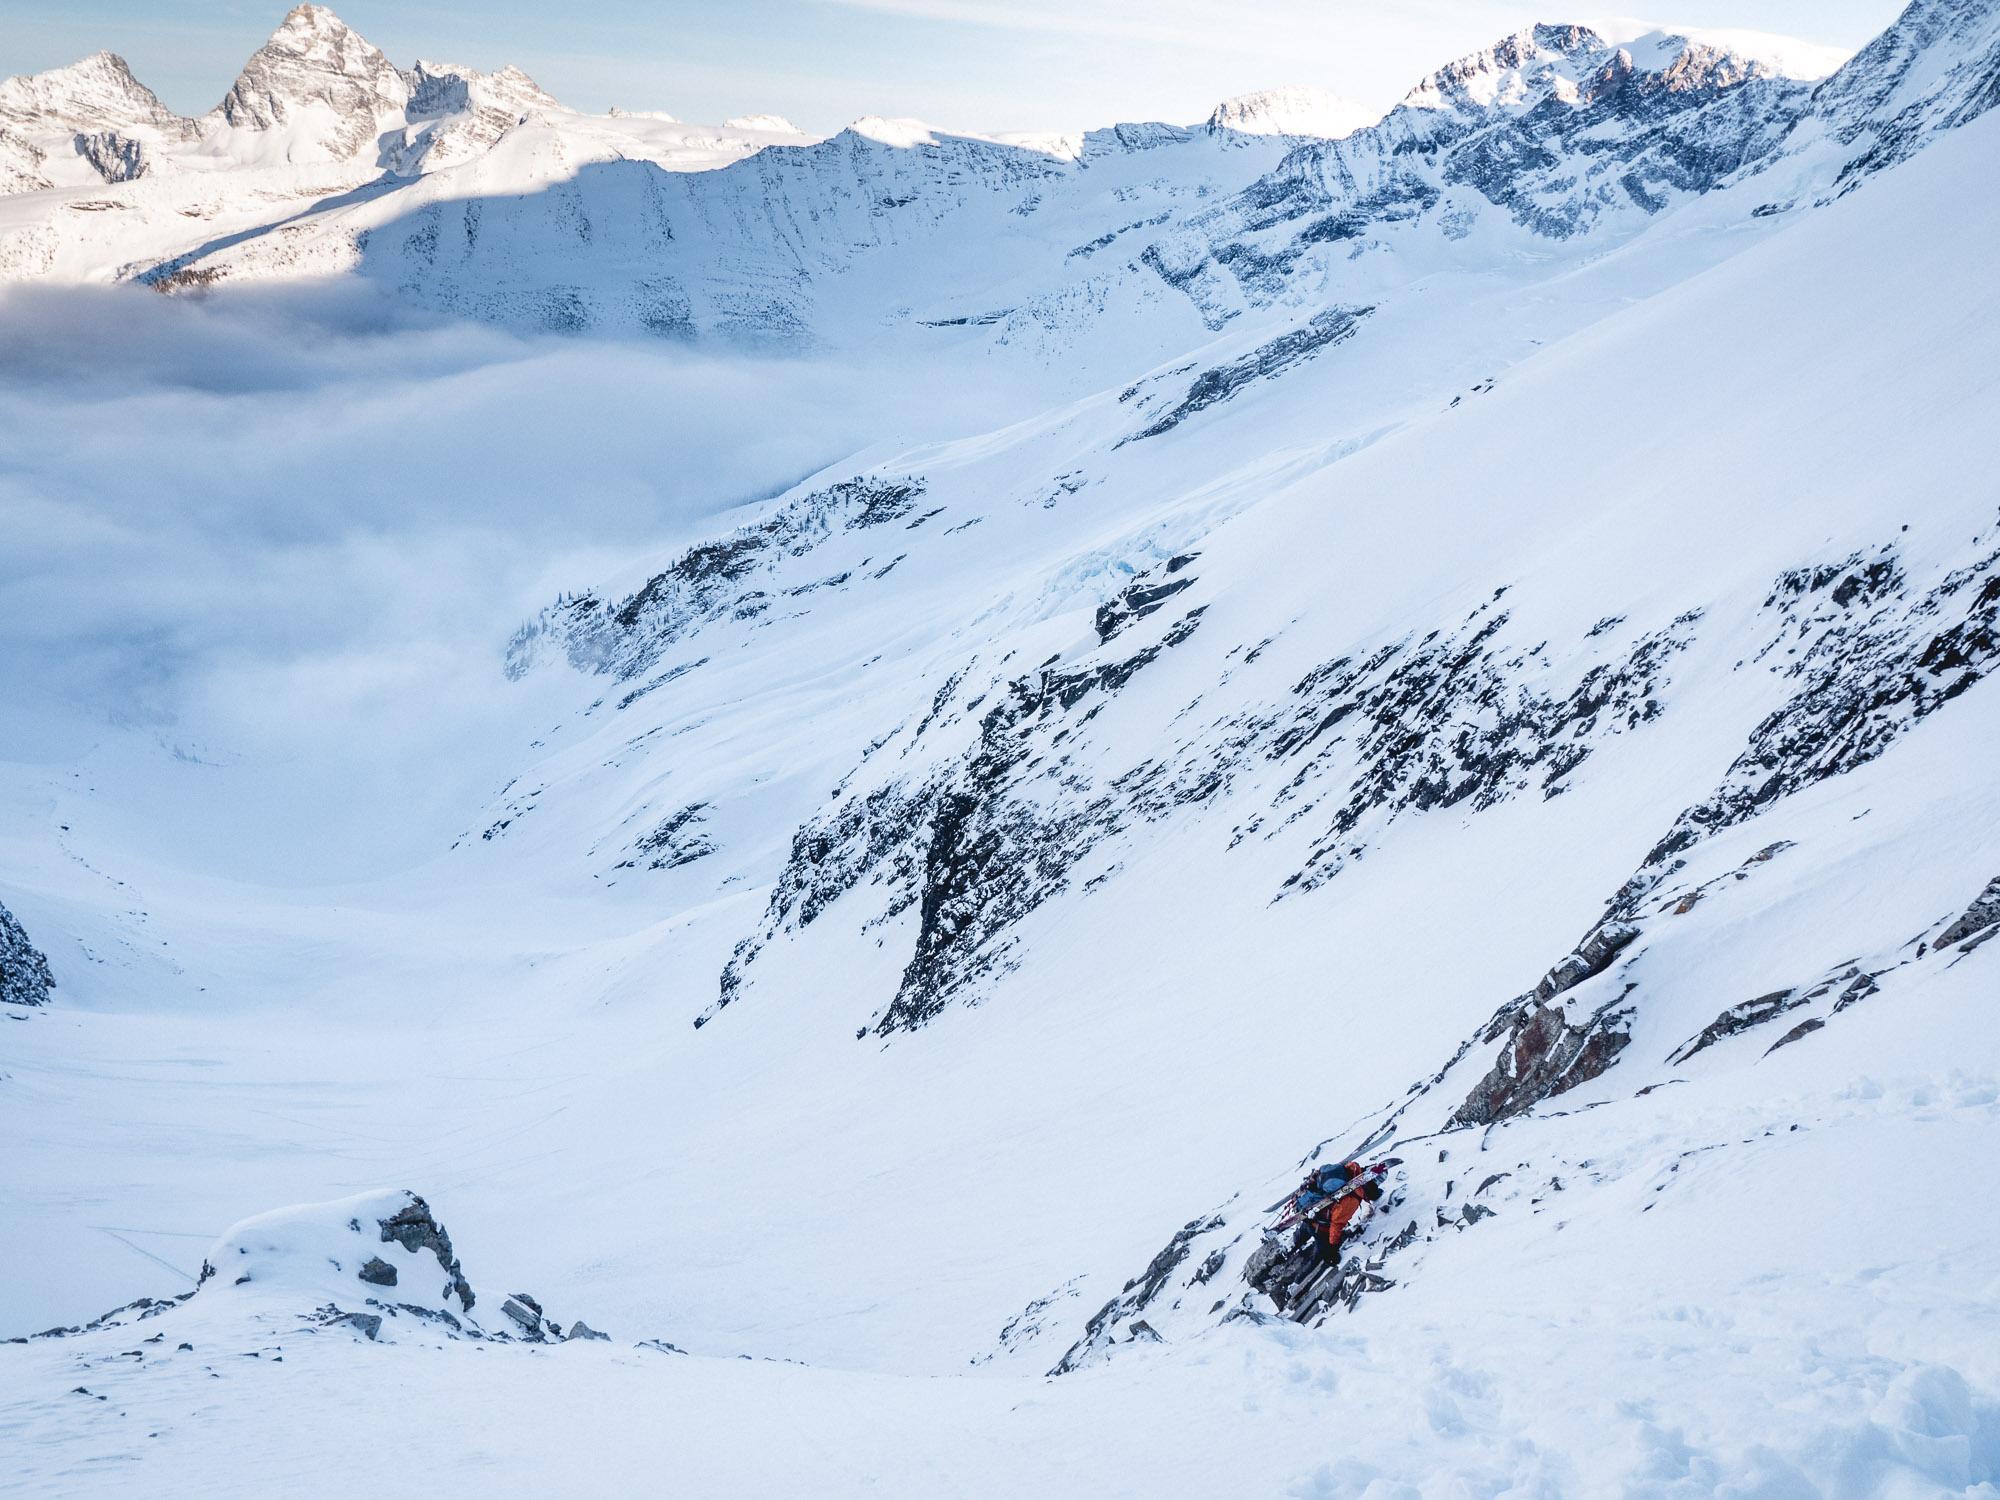 Climbing peak in the upper left